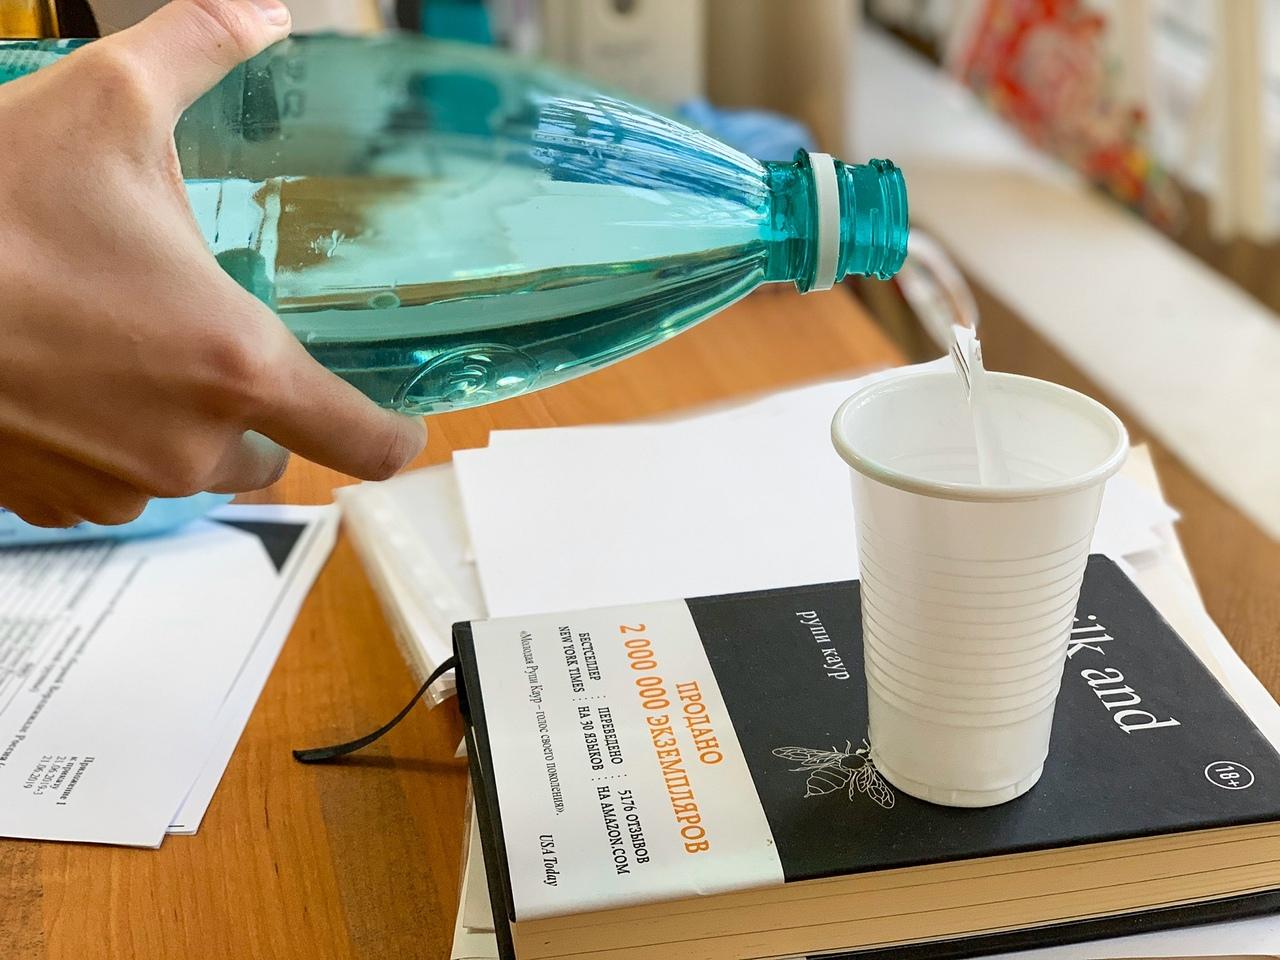 Опасный пластик: ярославцам рассказали, зачем нужны треугольники на бутылках